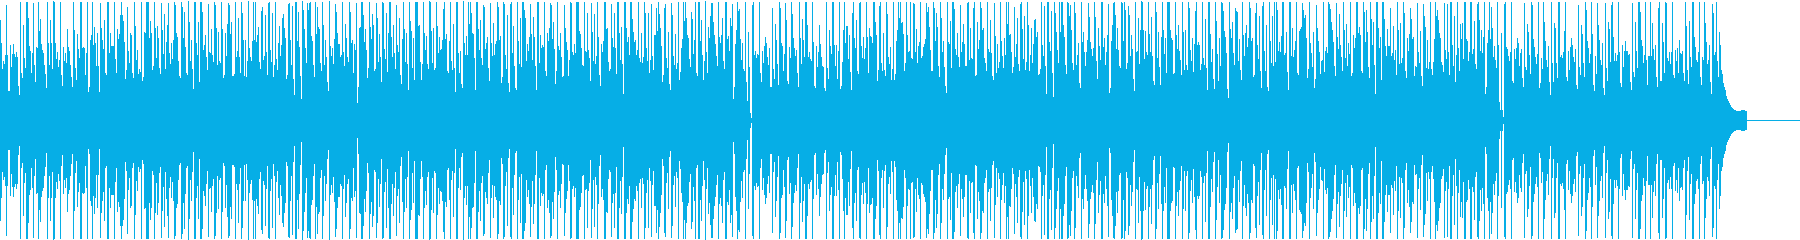 温かい気持ちになるほのぼの系のBGMの再生済みの波形